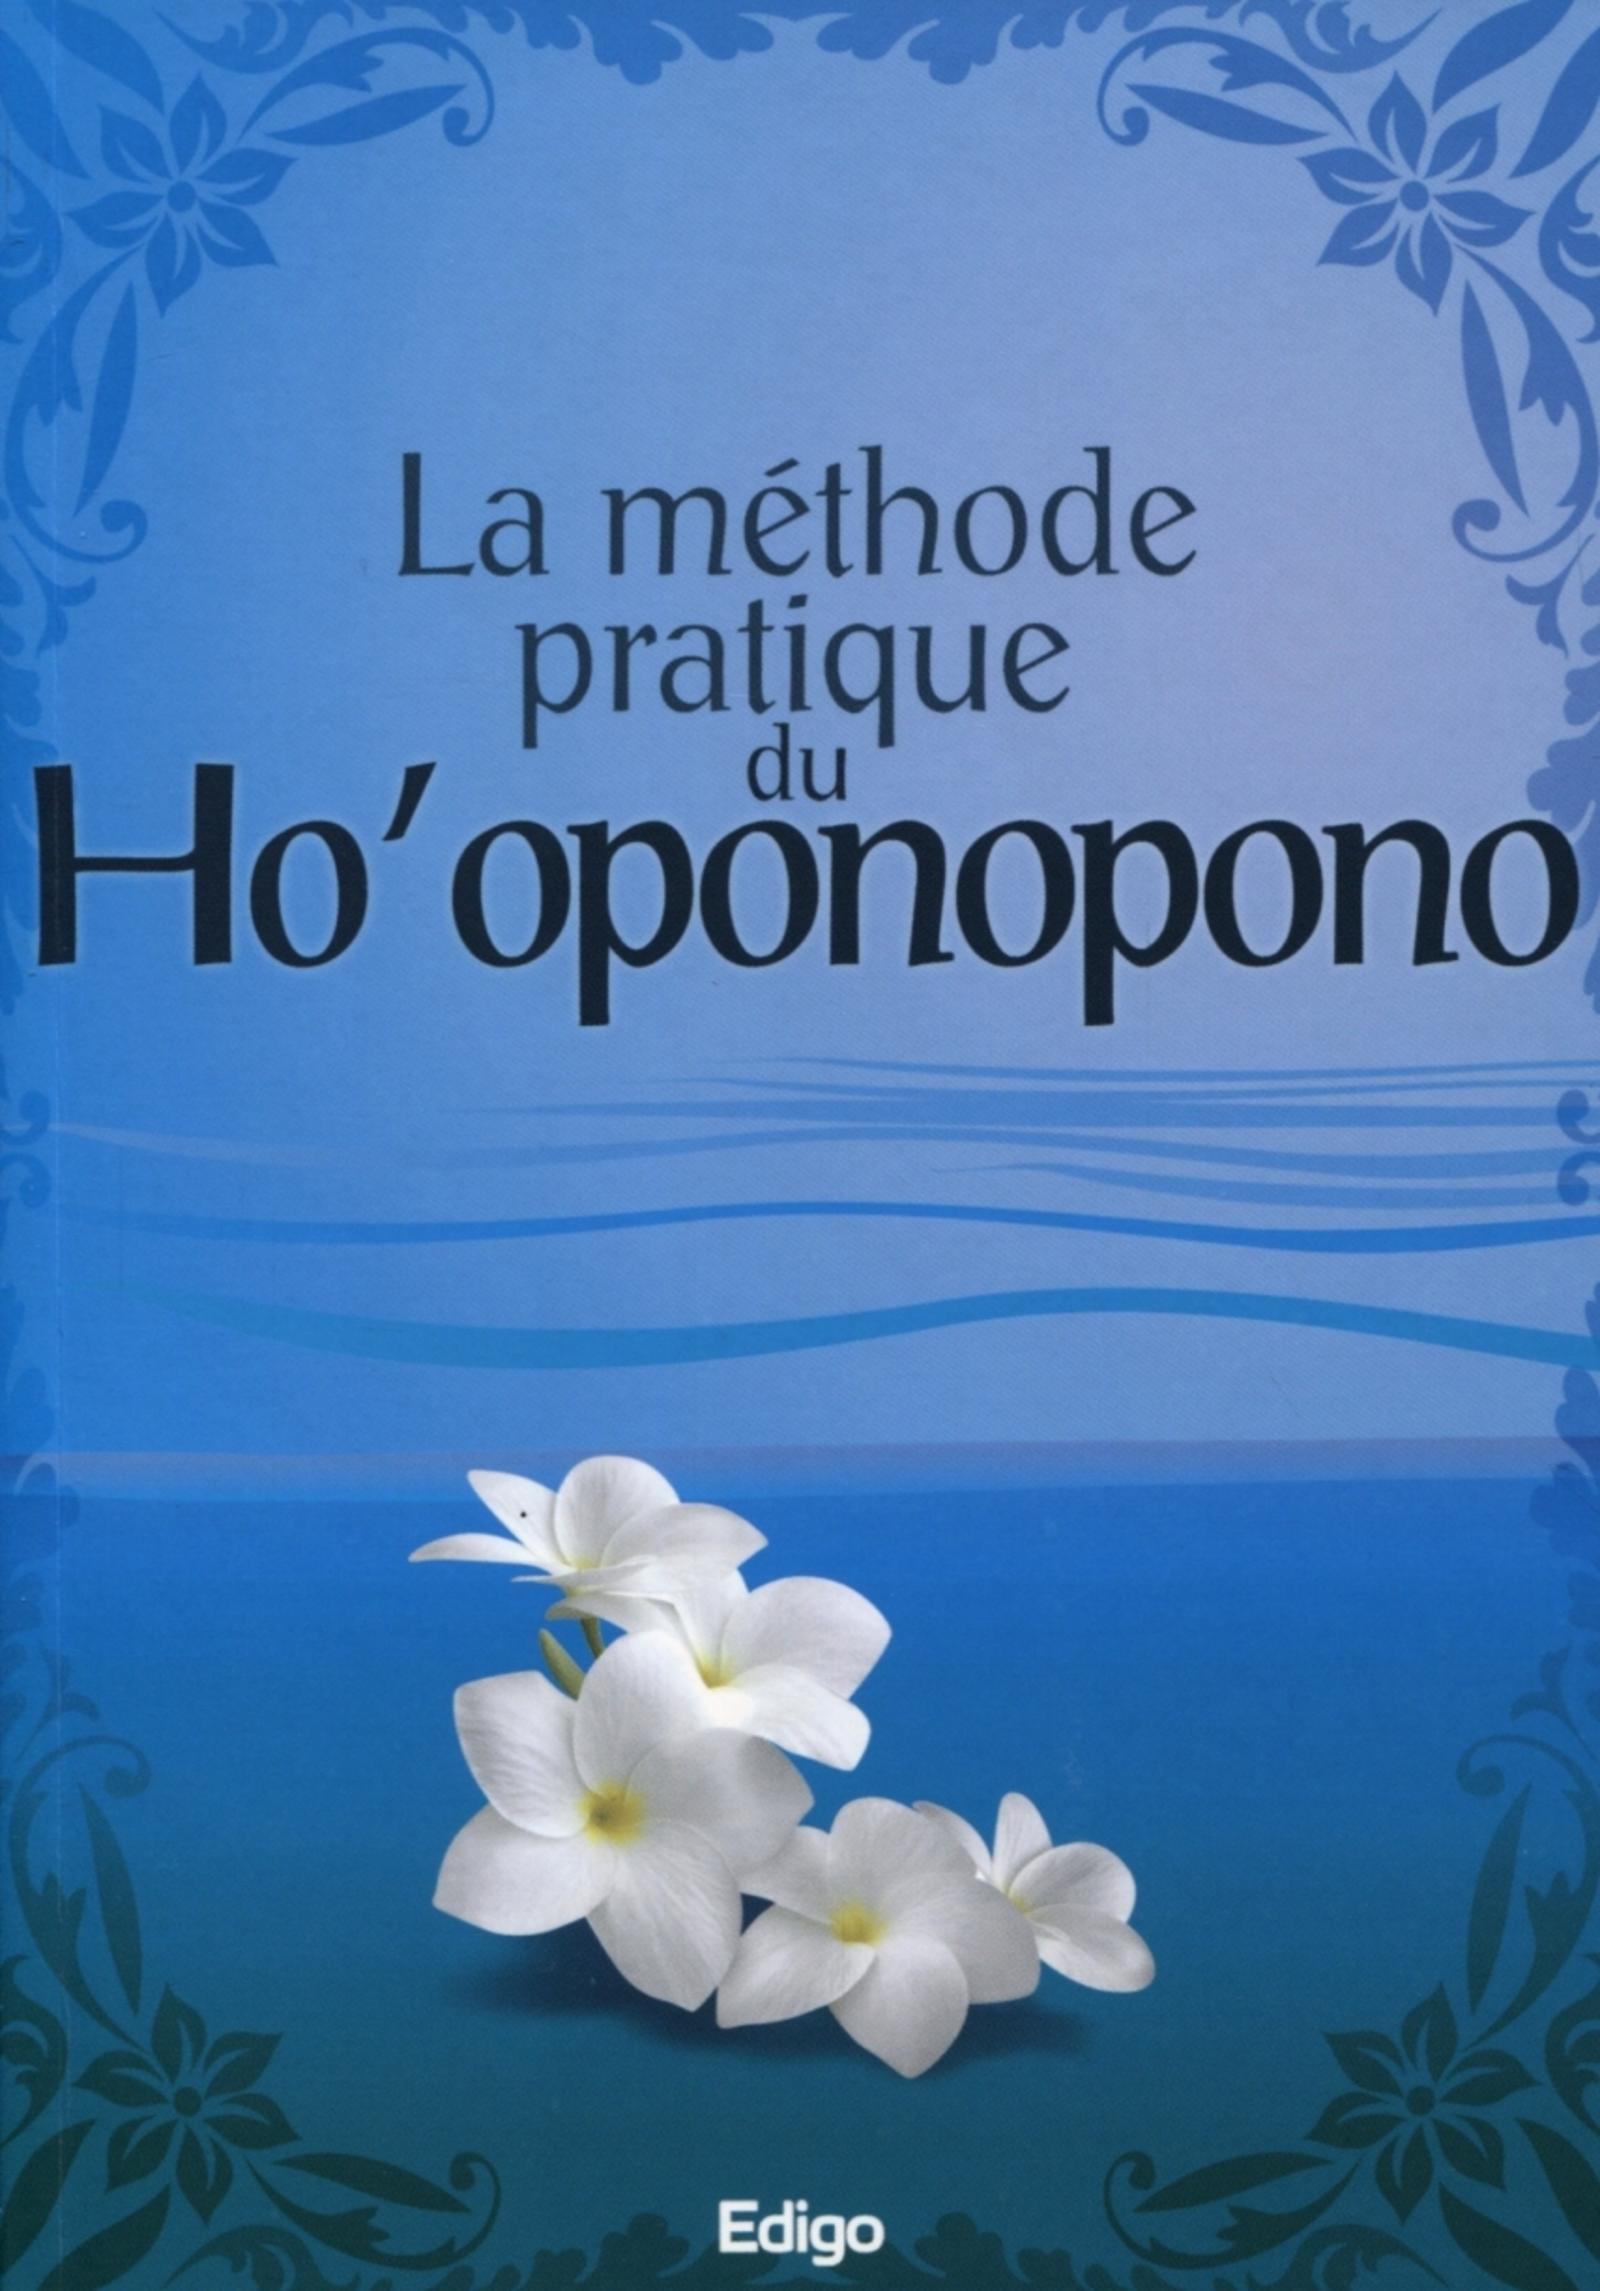 LA METHODE PRATIQUE DU HO'OPONOPONO